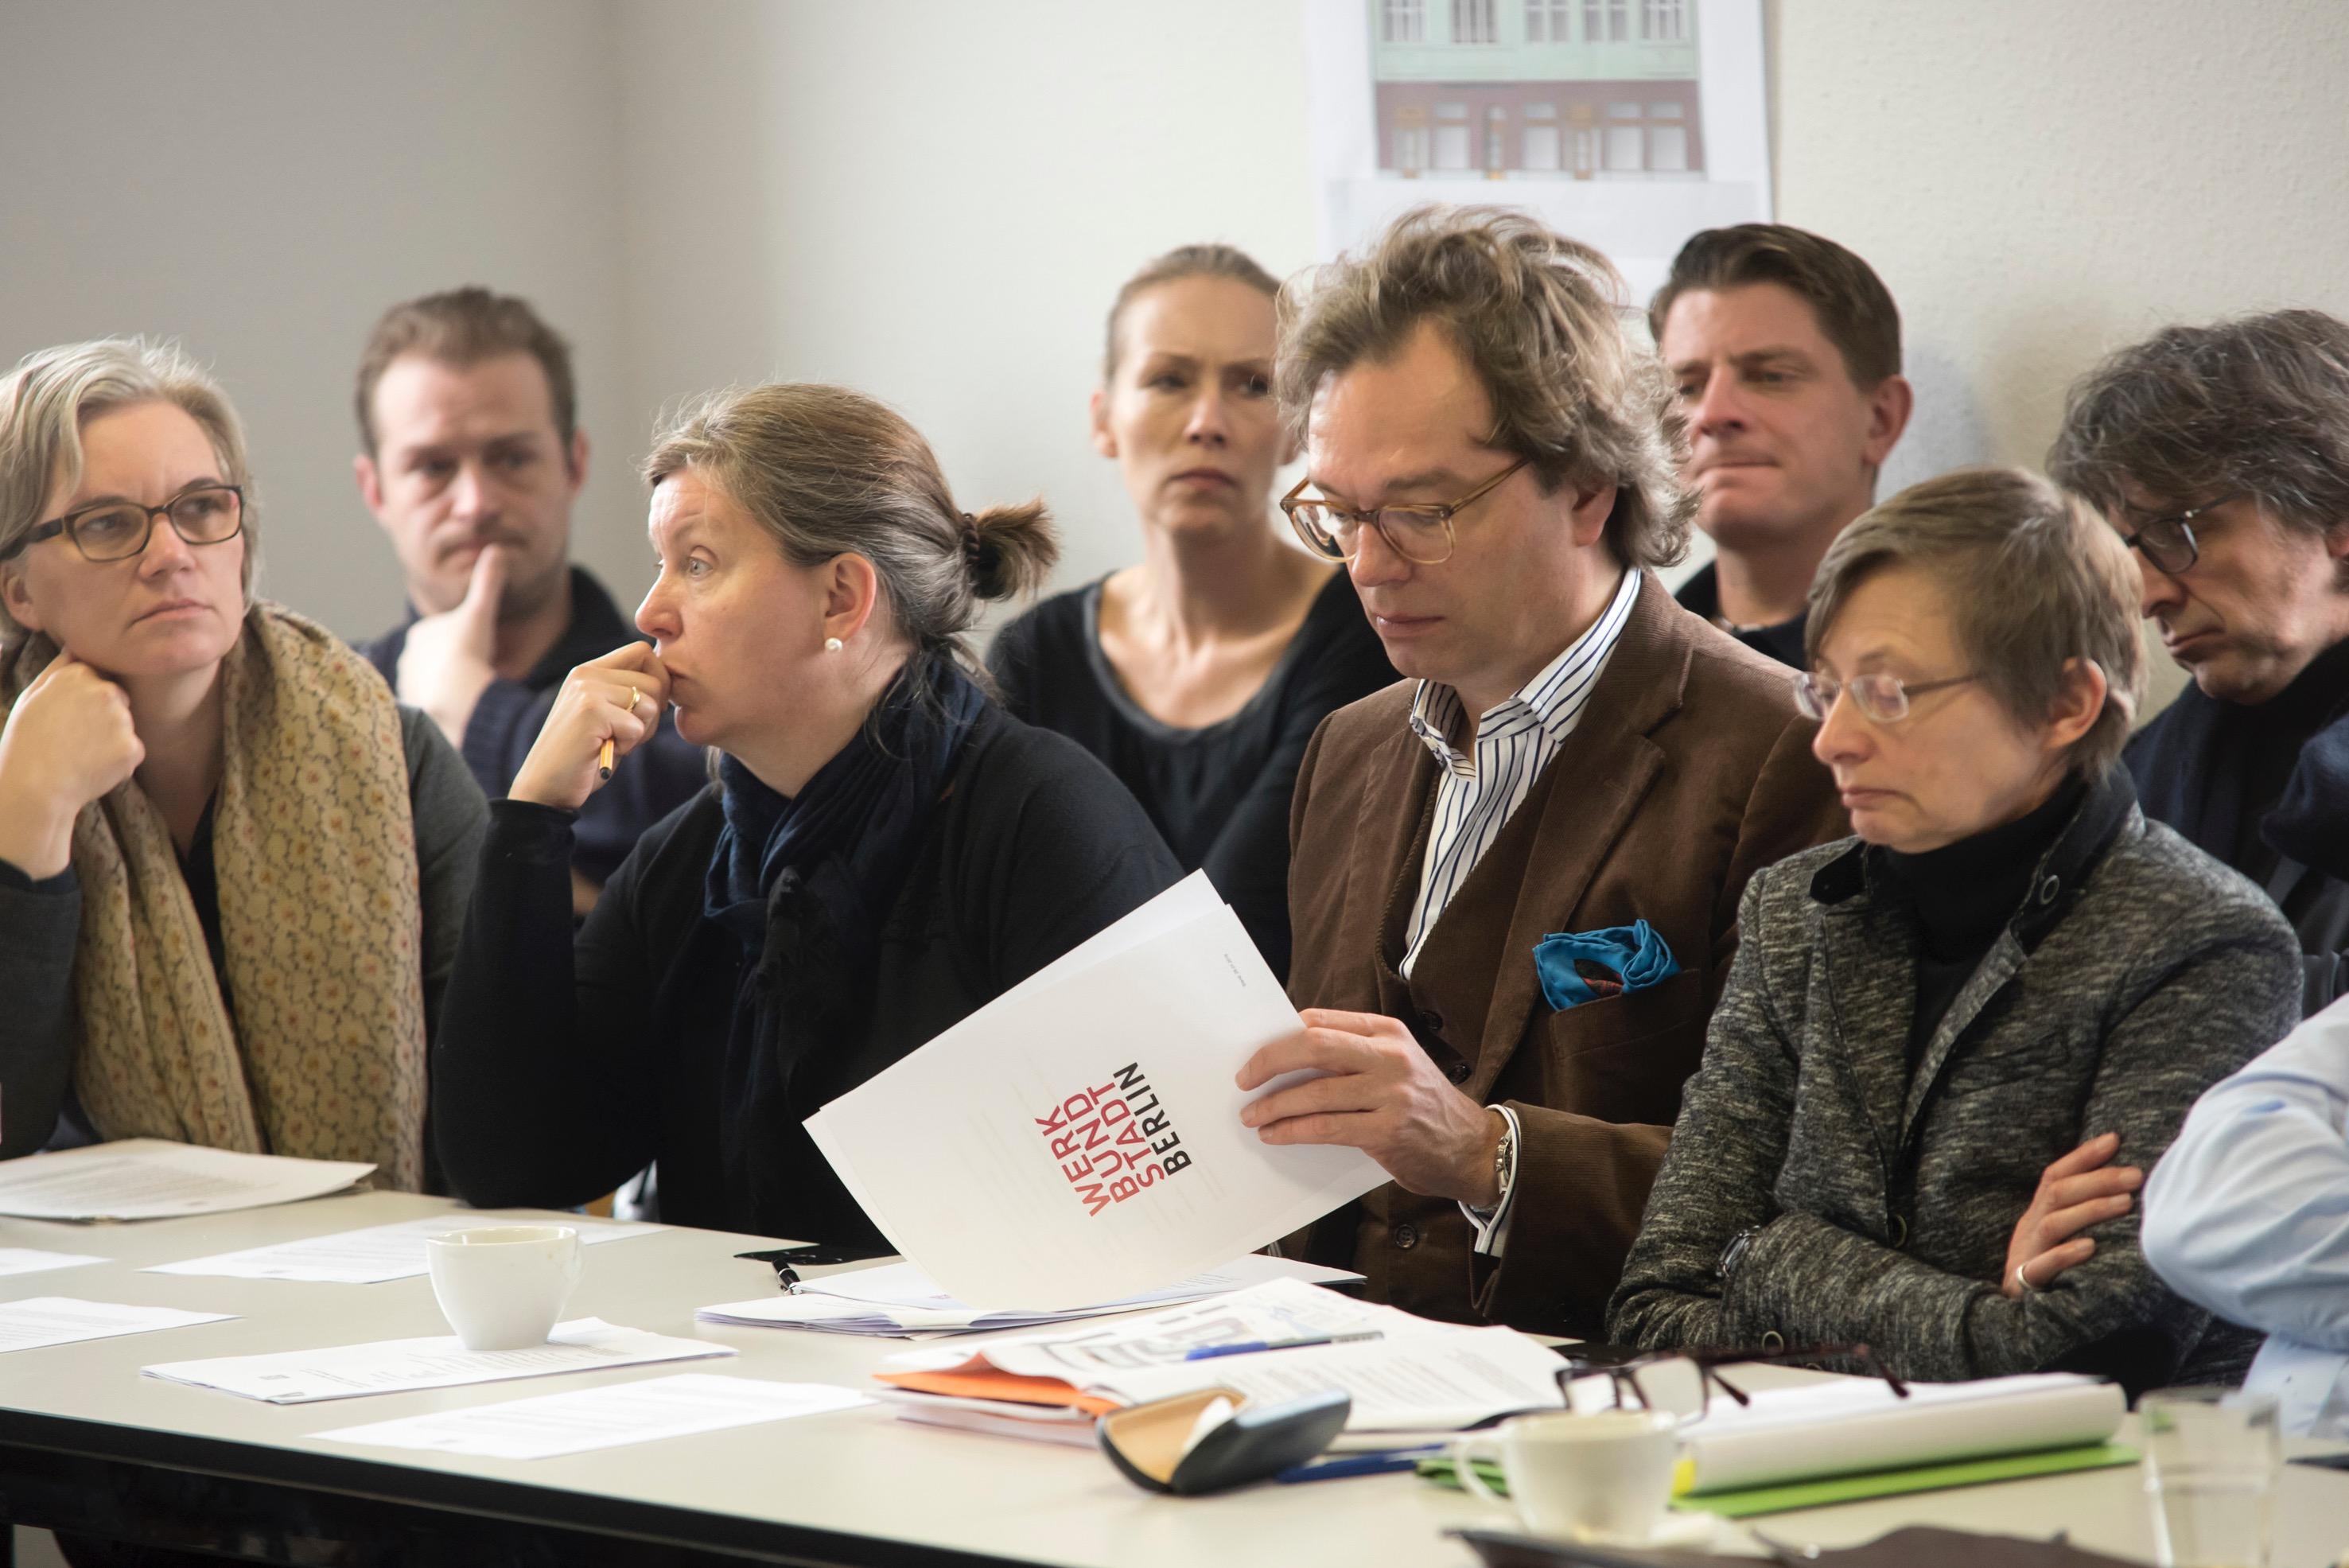 Duitsland, Deutschland, Germany, Berlin, Berlijn, 5.3.2016. Quedlinburger Strasse. Werkbund Stadt. Klausur und Auslosung der Grundstücke. Foto: Erik-Jan Ouwerkerk